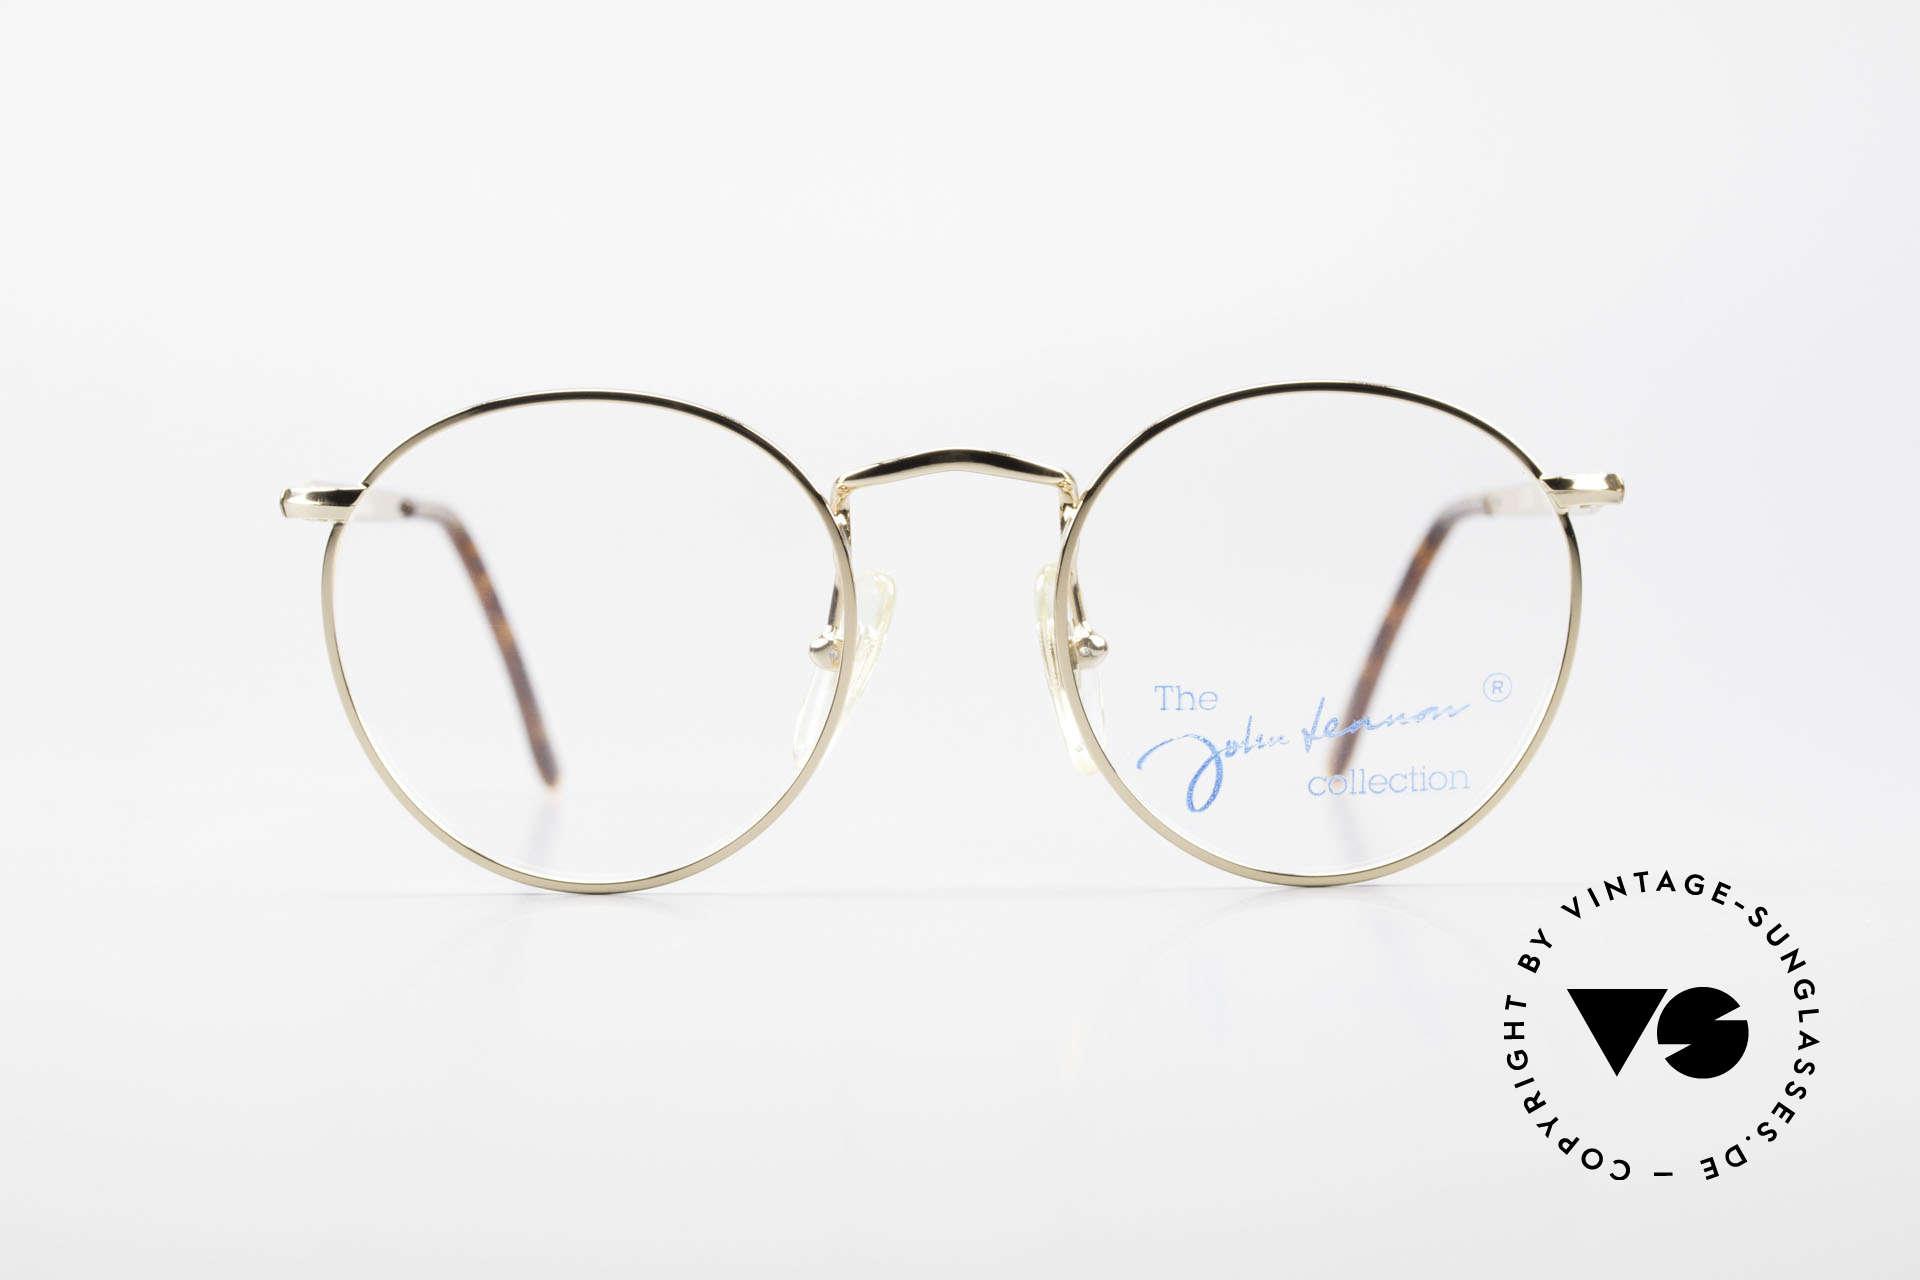 John Lennon - The Dreamer Extra Kleine Vintage Brille, vintage Brille der original 'John Lennon Collection', Passend für Herren und Damen